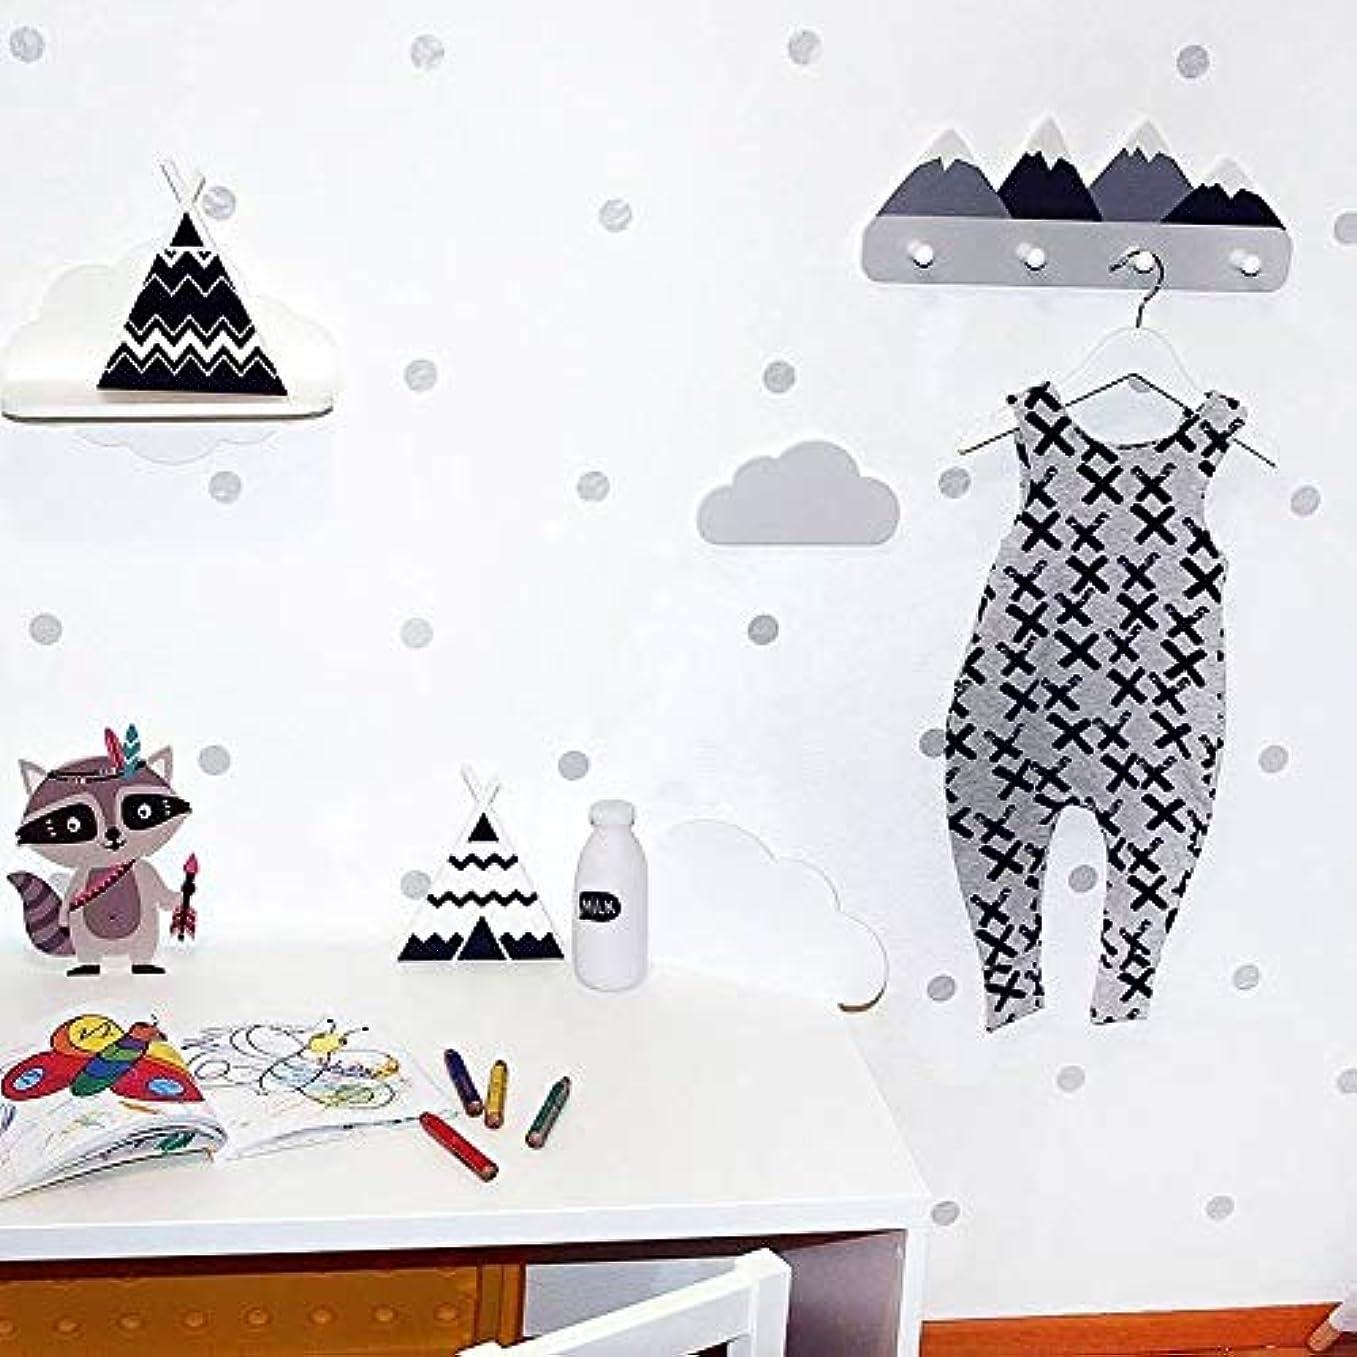 モデレータストレージ中庭北欧スタイル木製マウンテン子供コートラック幾何学的マウンテンアート棚用服4フックの1ピースキッズルームの装飾アイデアギフト (スノーマウンテン)